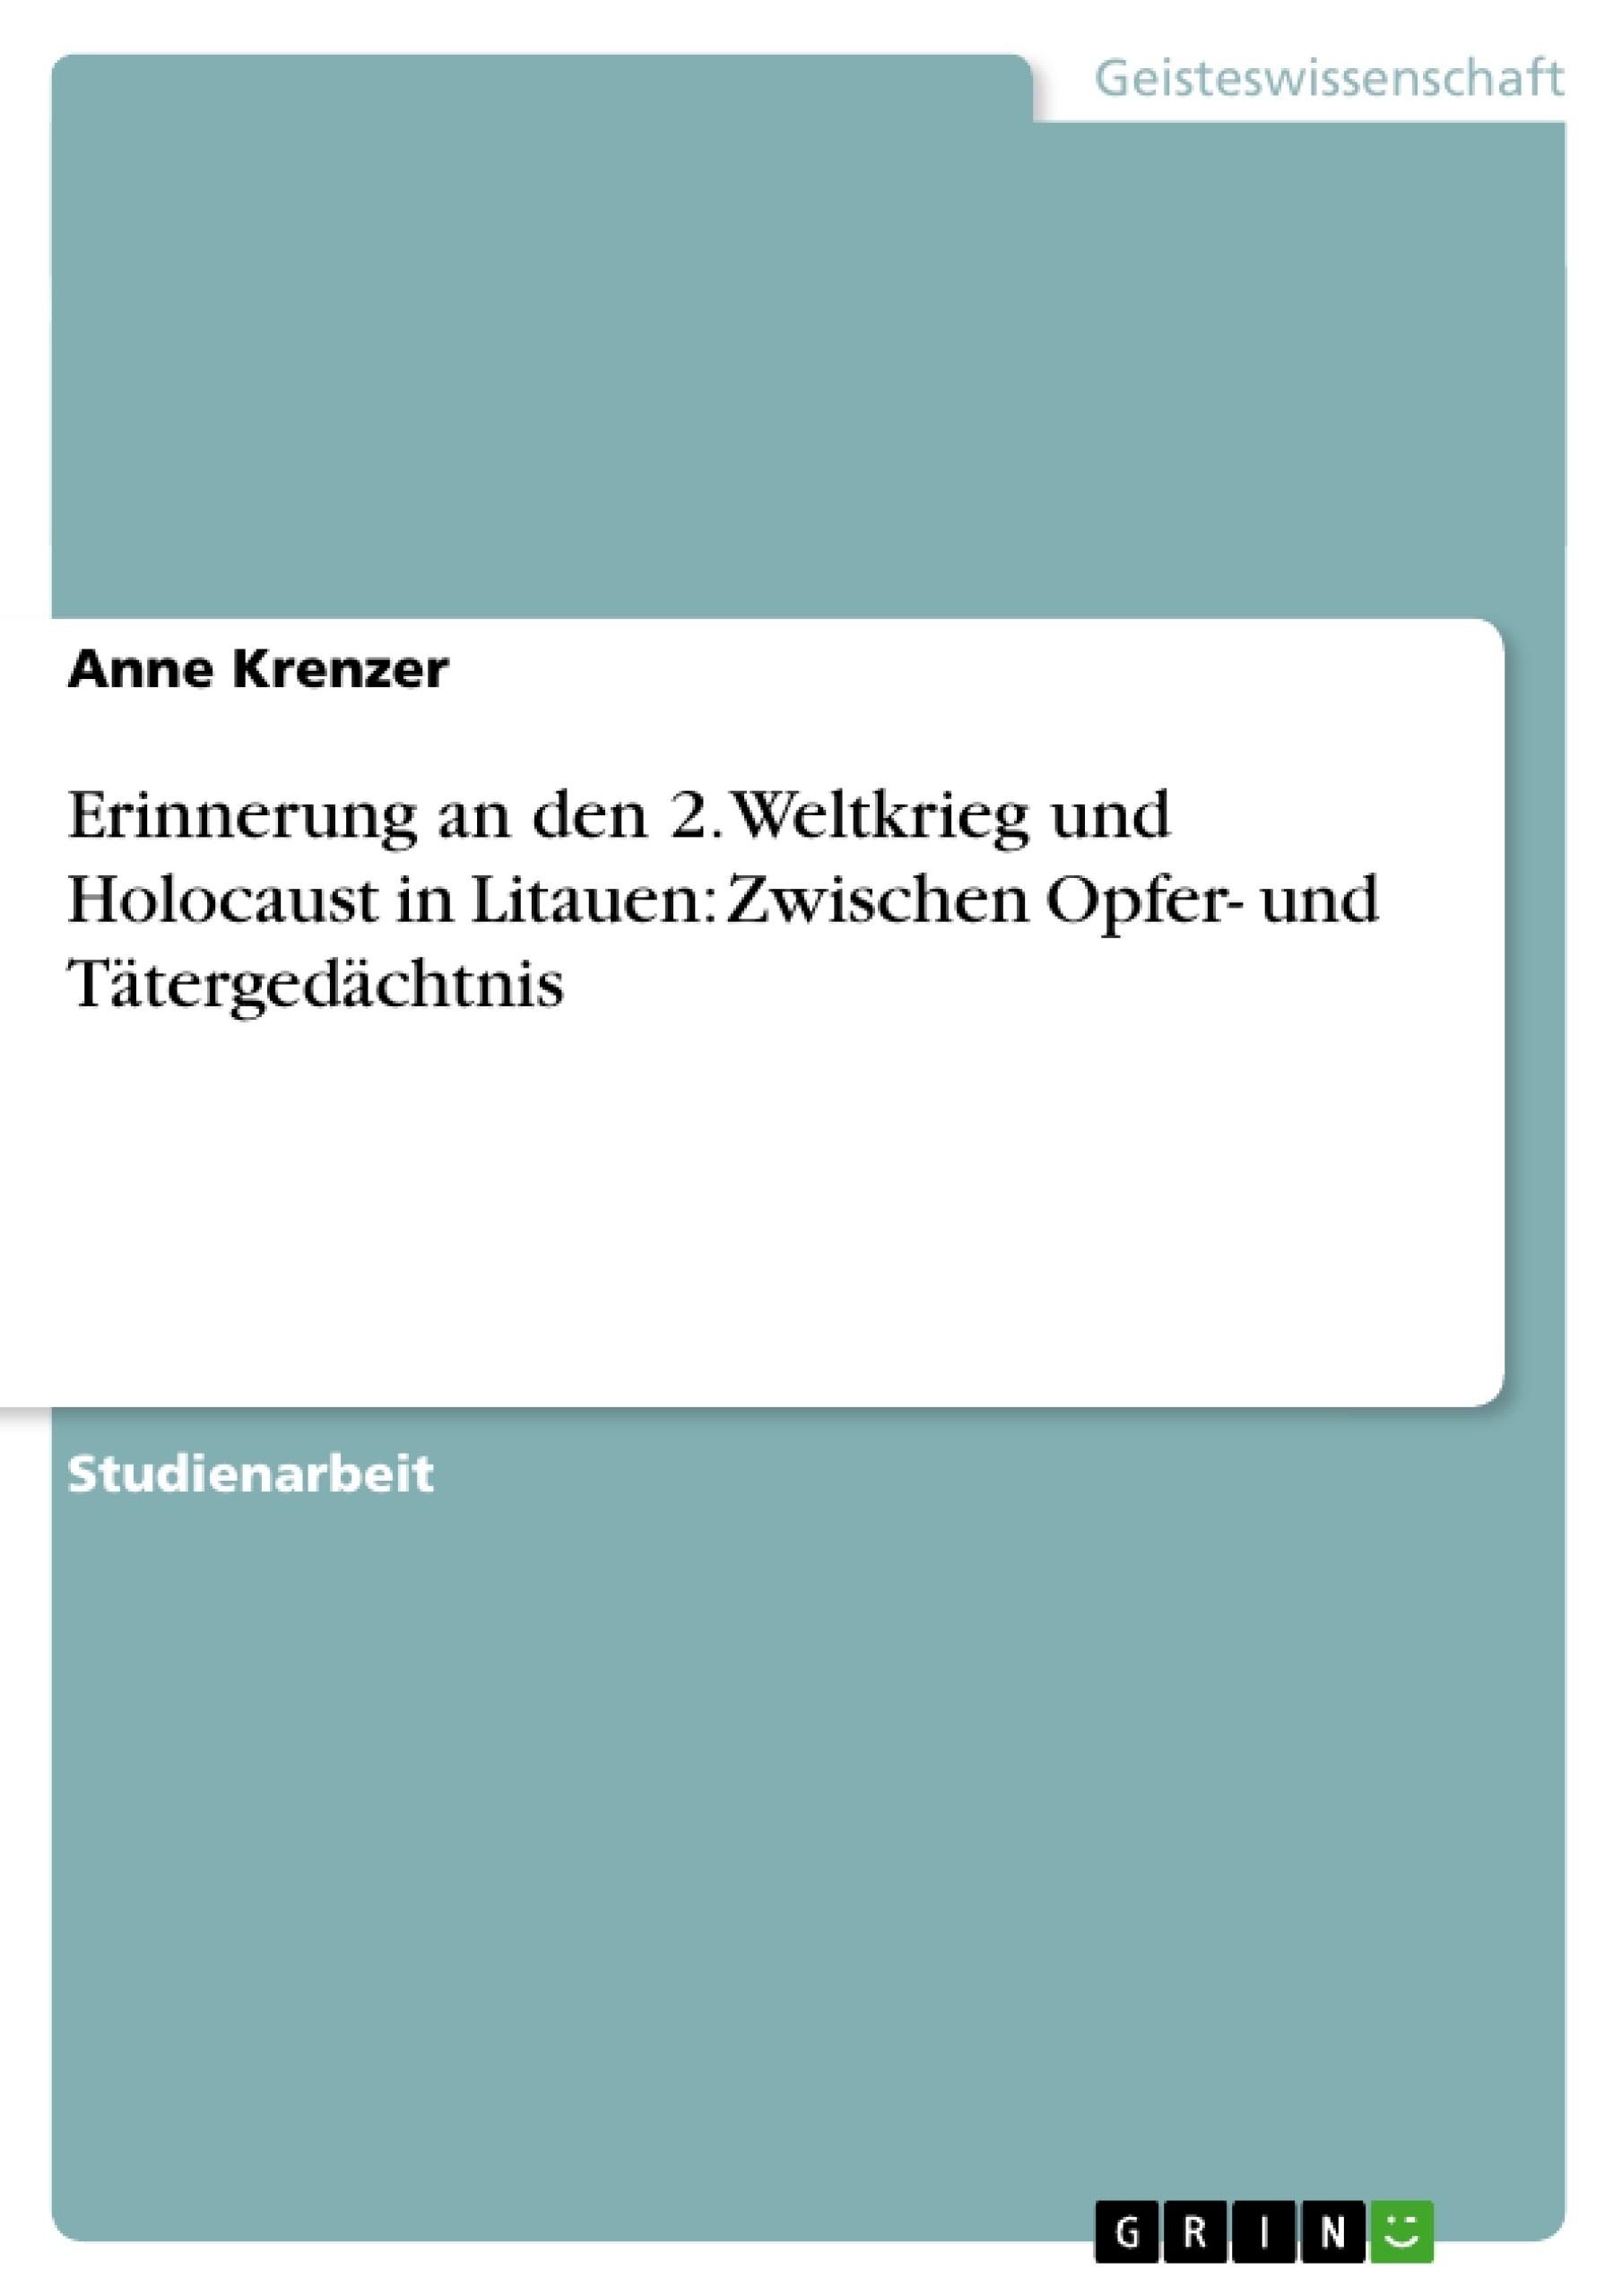 Titel: Erinnerung an den 2. Weltkrieg und Holocaust in Litauen: Zwischen Opfer- und Tätergedächtnis